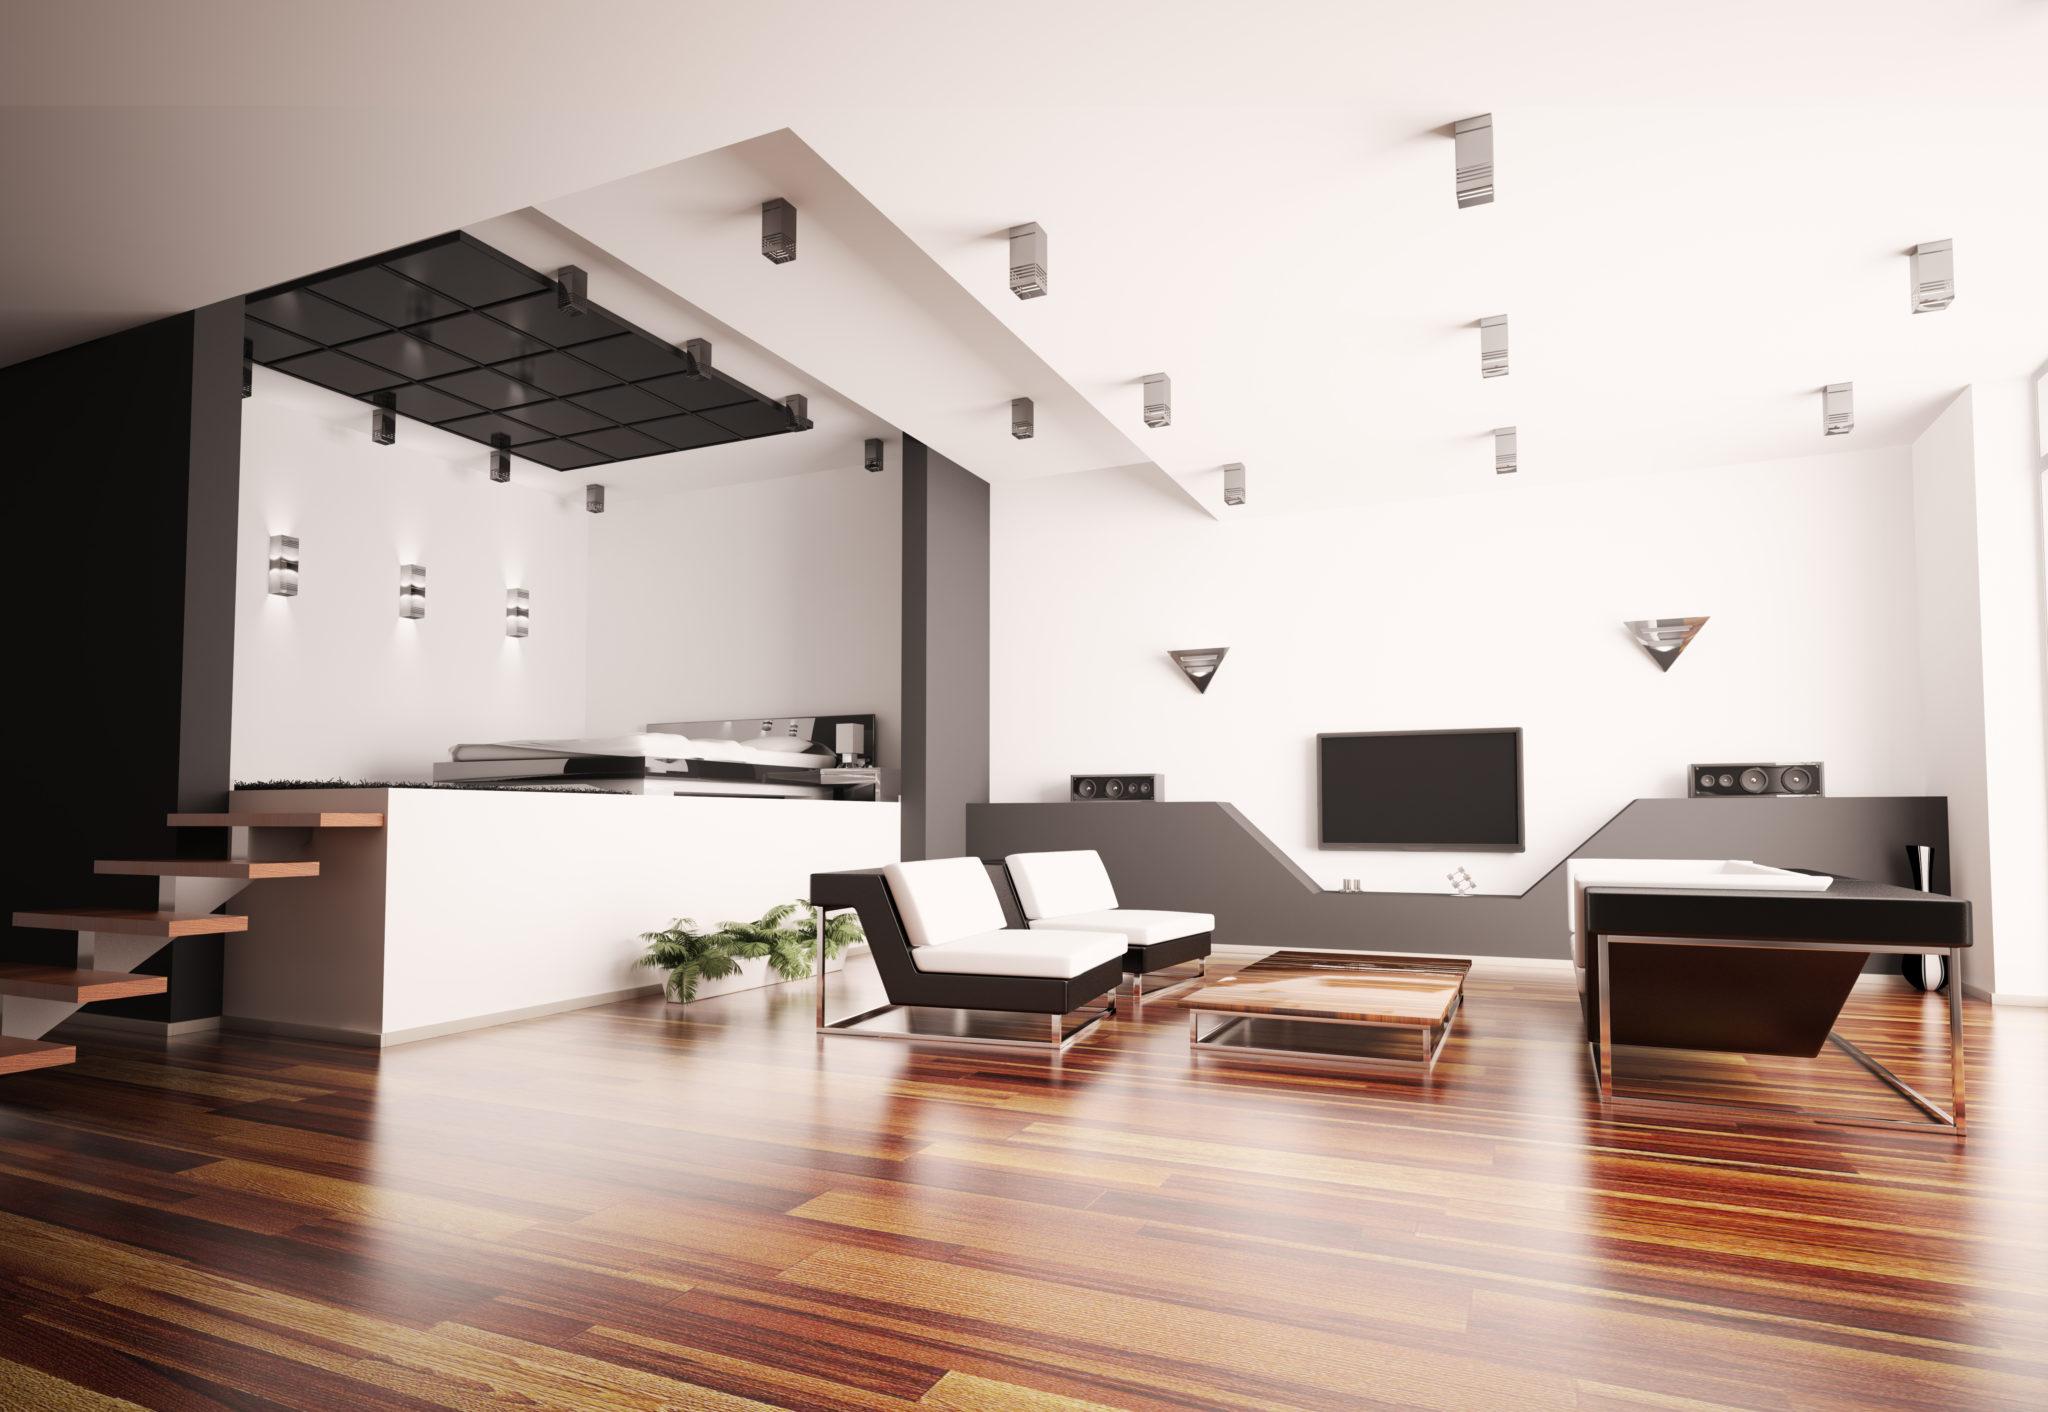 Sypialnia i salon w jednym pomieszczeniu knaufmag for Agencement interieur